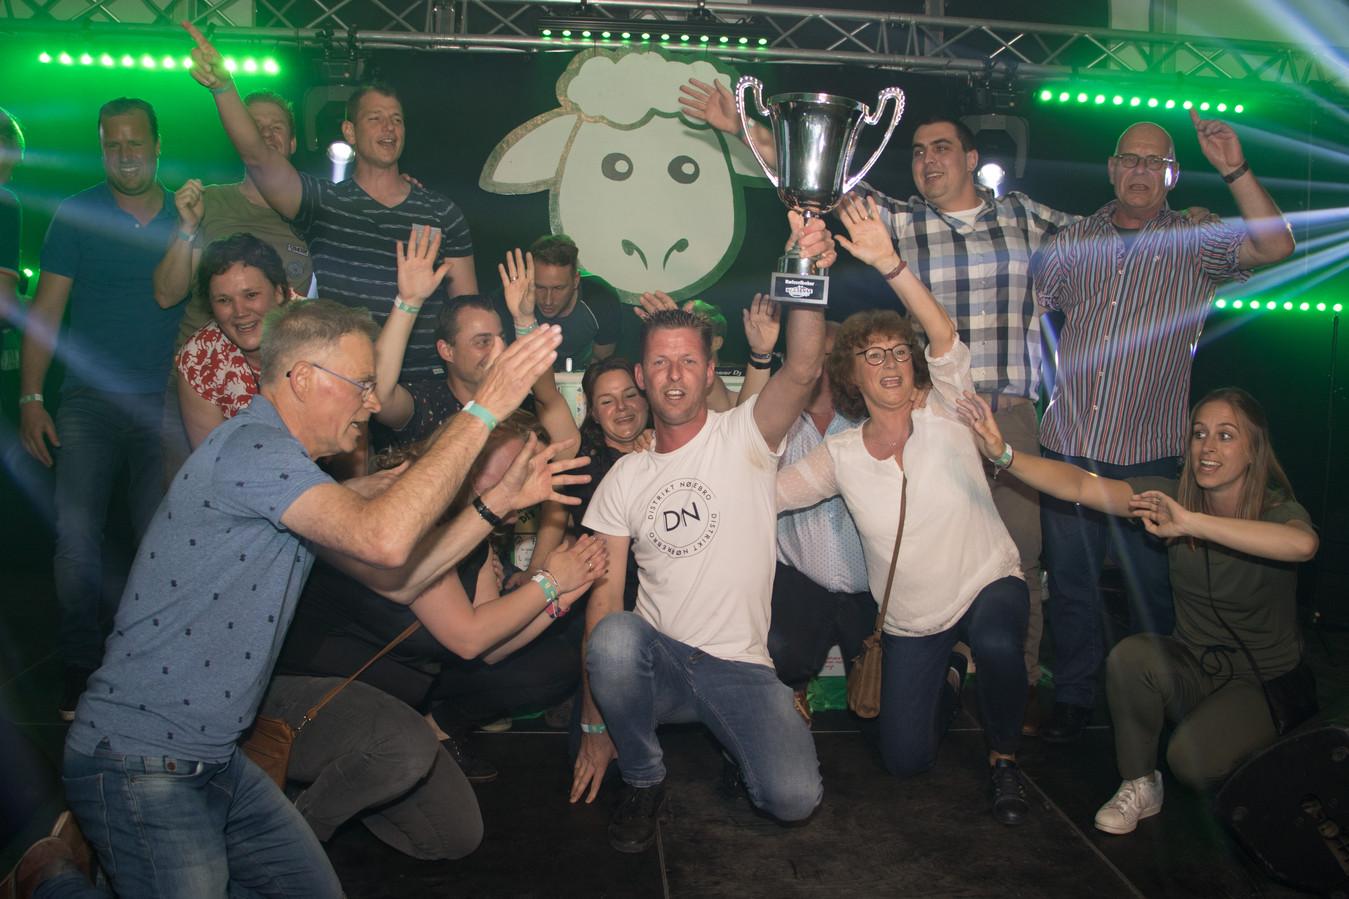 Het winnende team 'Vrienden van de jury' vieren een feestje op het podium op de klanken van We are the champions.